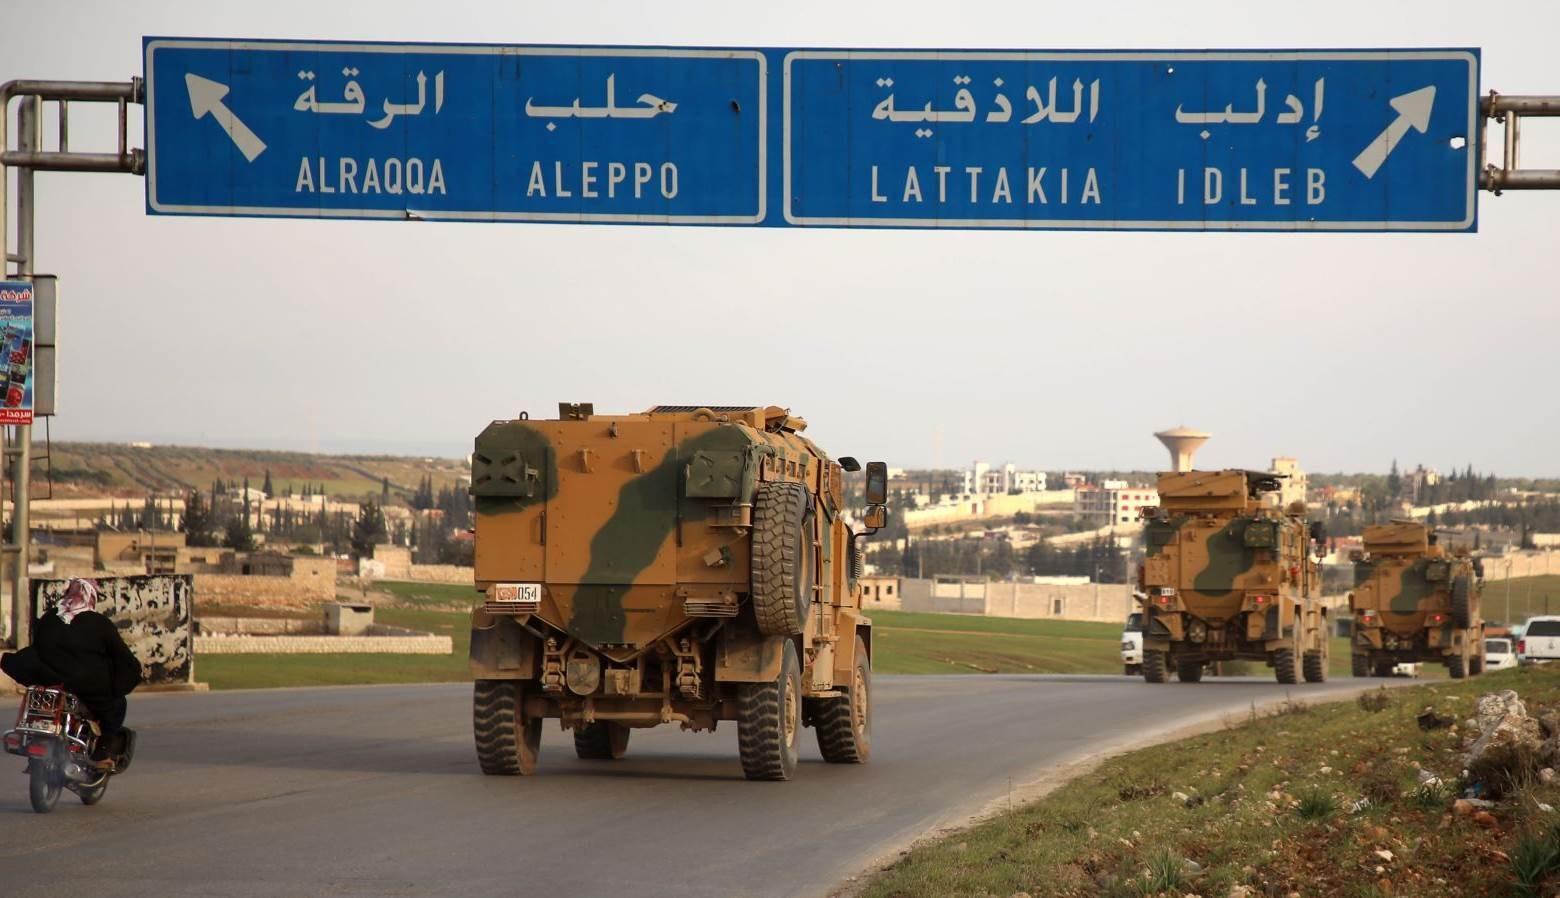 الجيش التركي يزيل بعض السواتر على الطريق الدولي M4